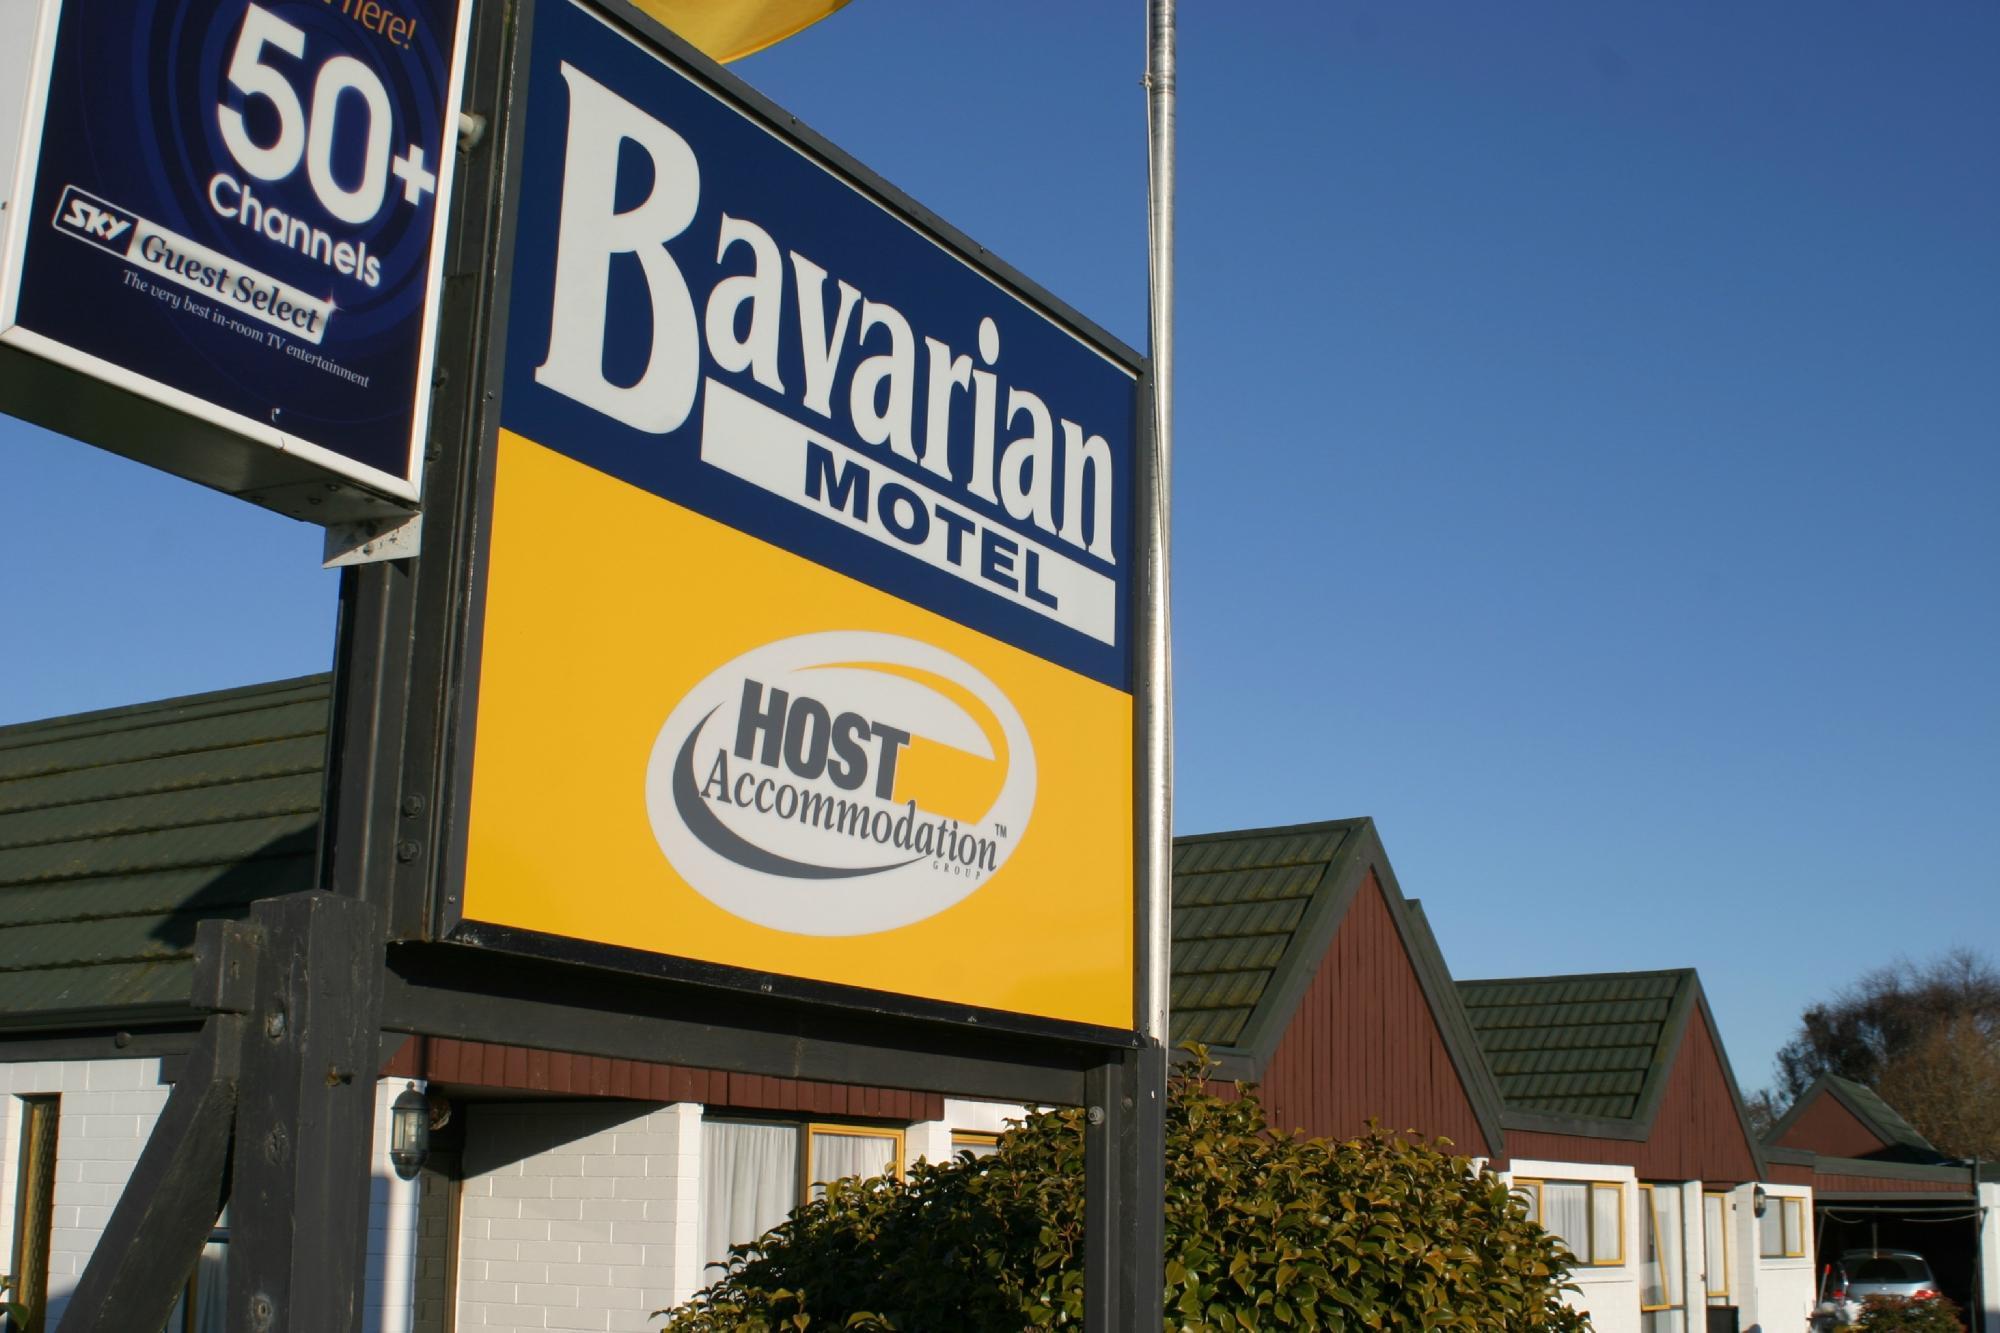 Bavarian Motel